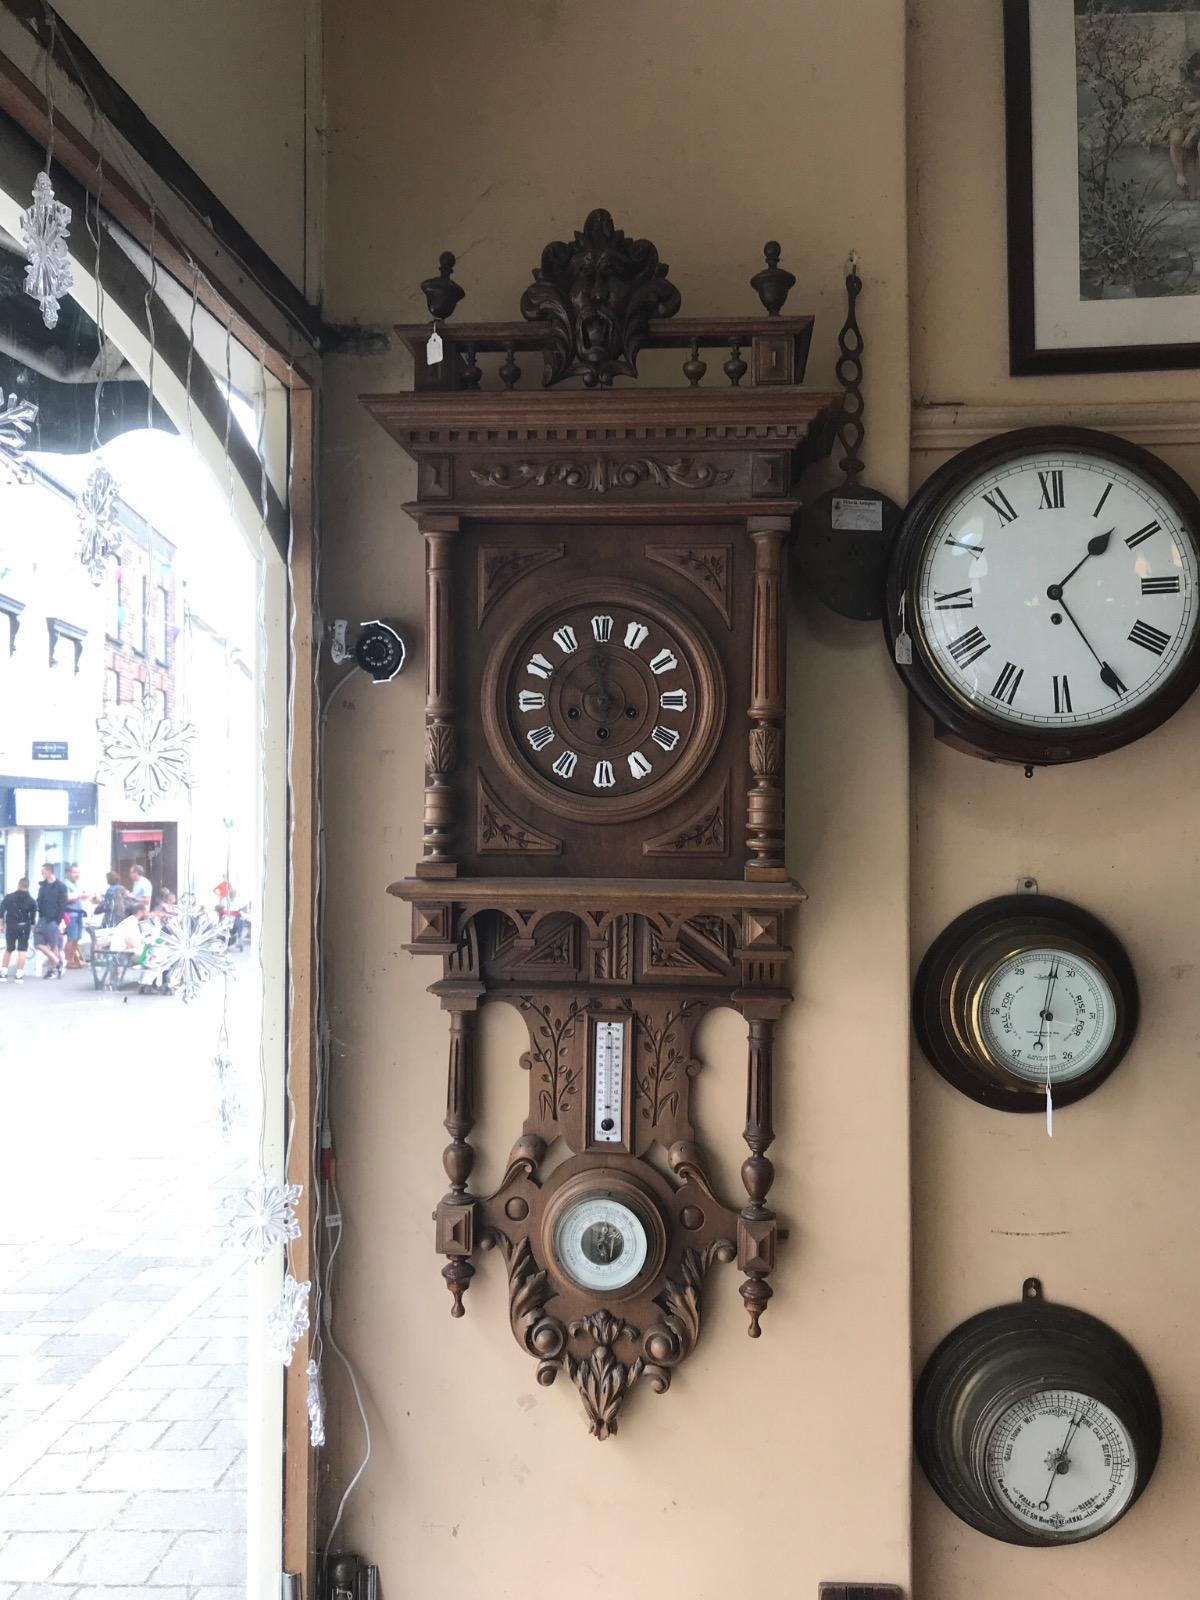 Unusual Clock & Barometer (1 of 1)